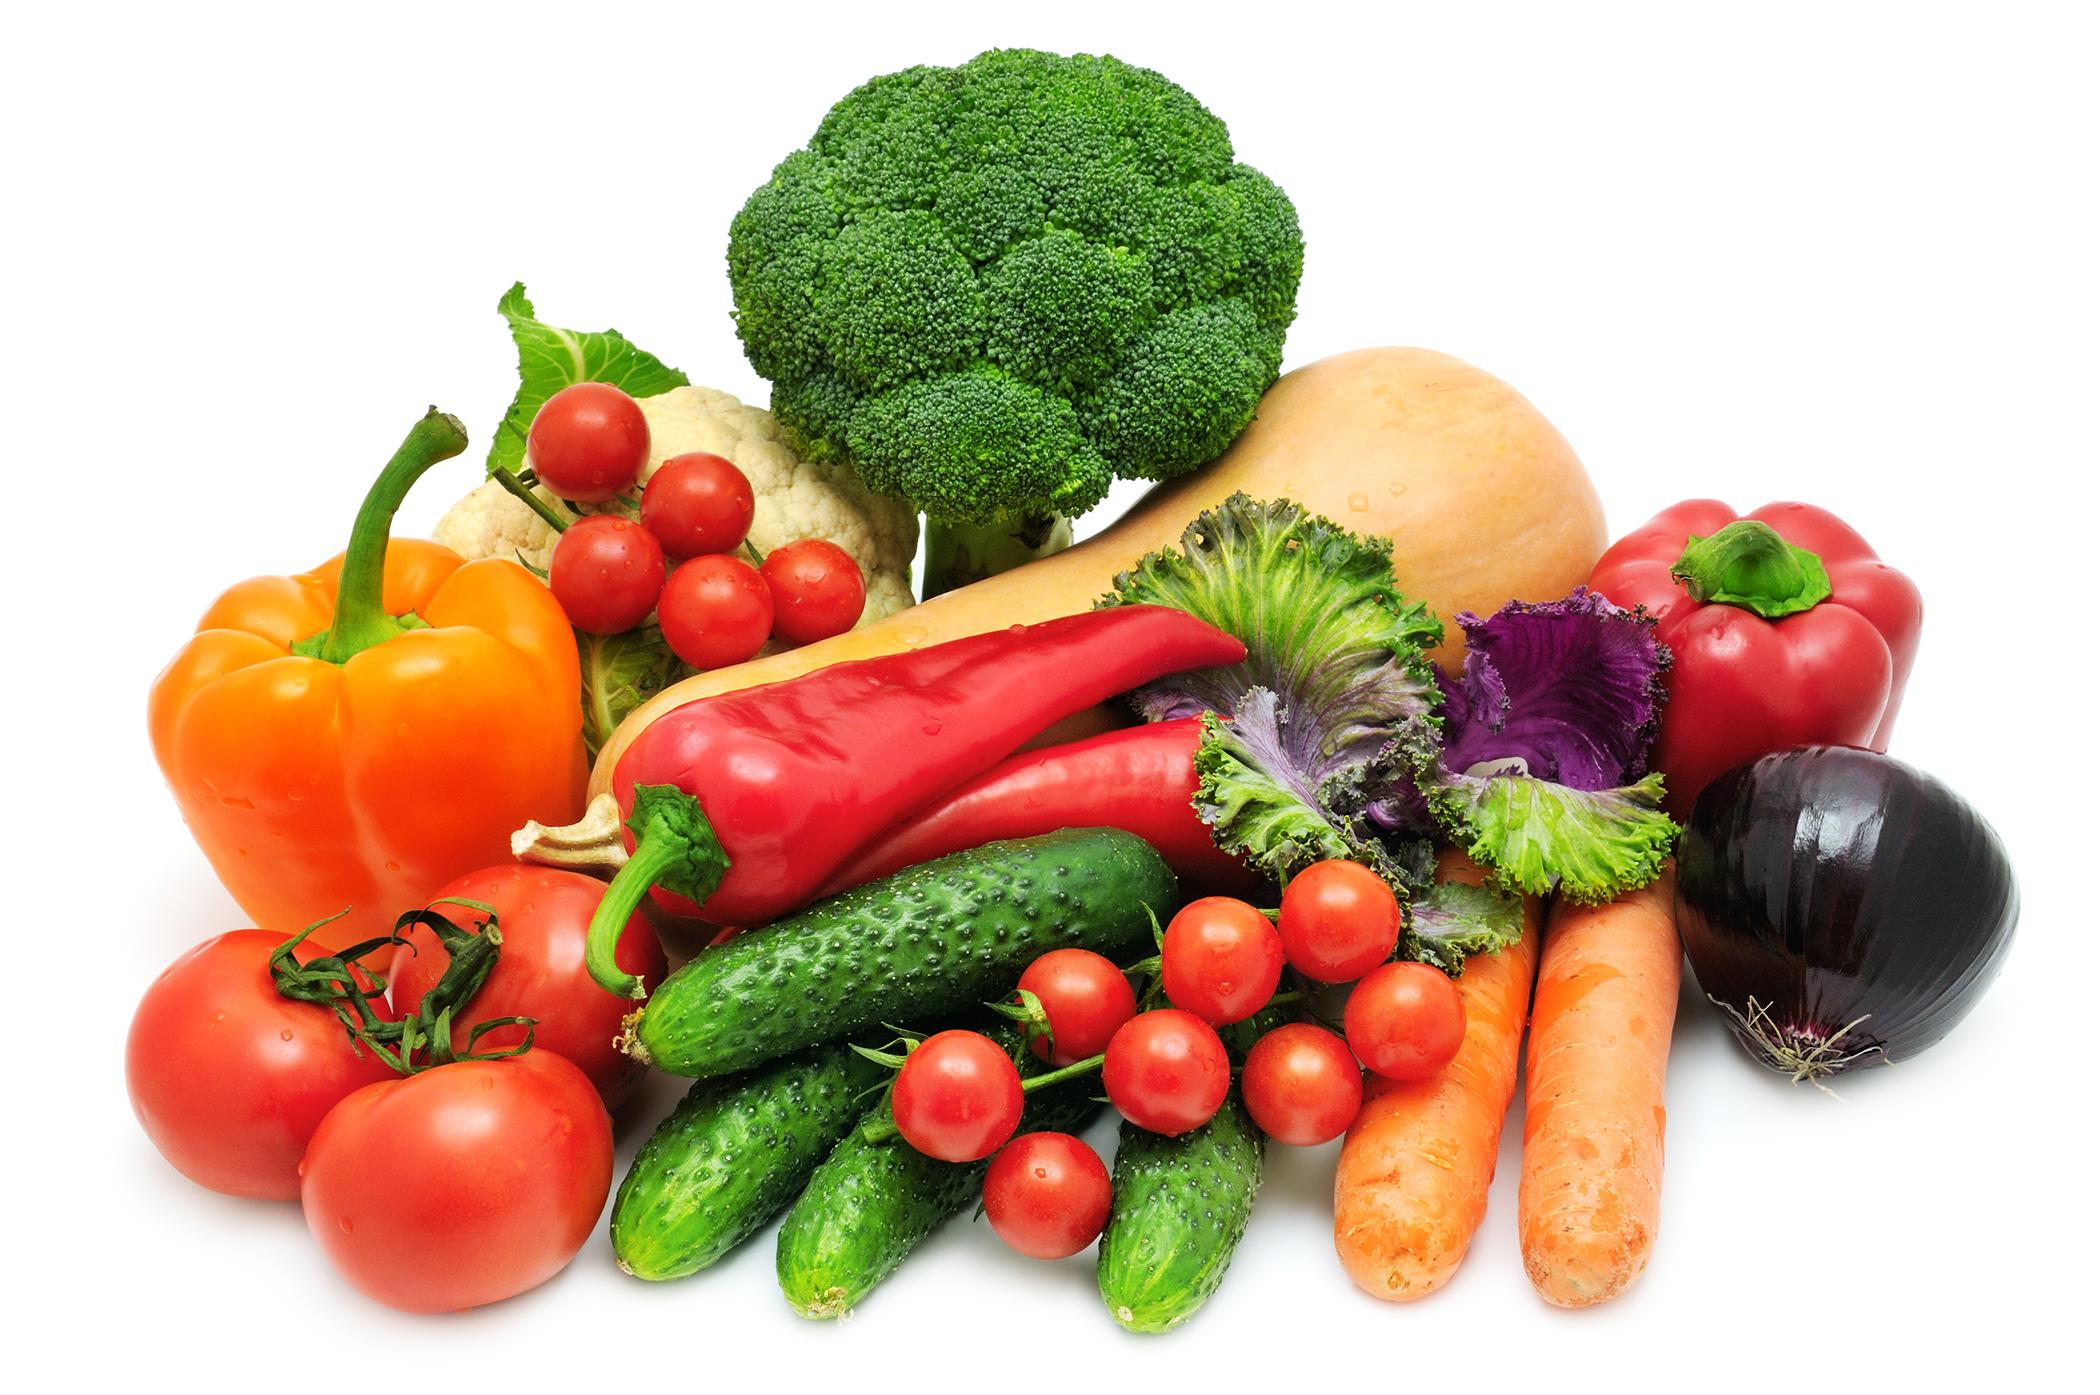 vegetables-variety.jpg